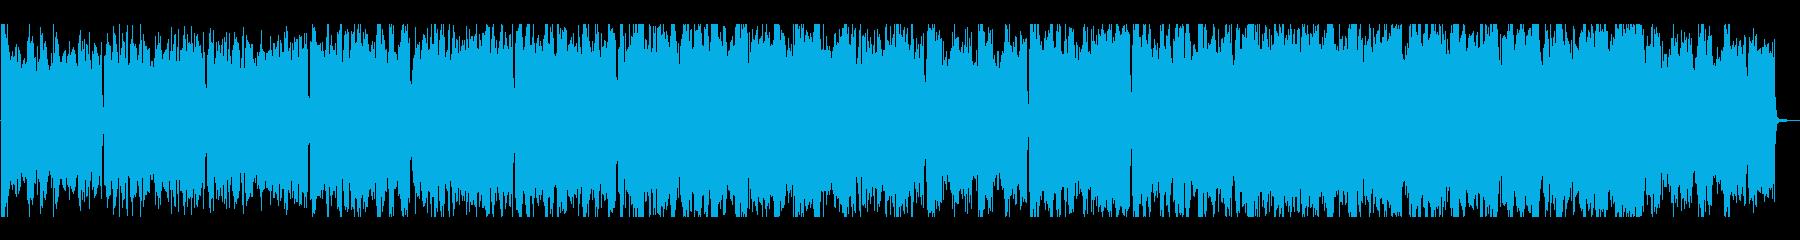 暗く悲しげな雰囲気のBGMの再生済みの波形